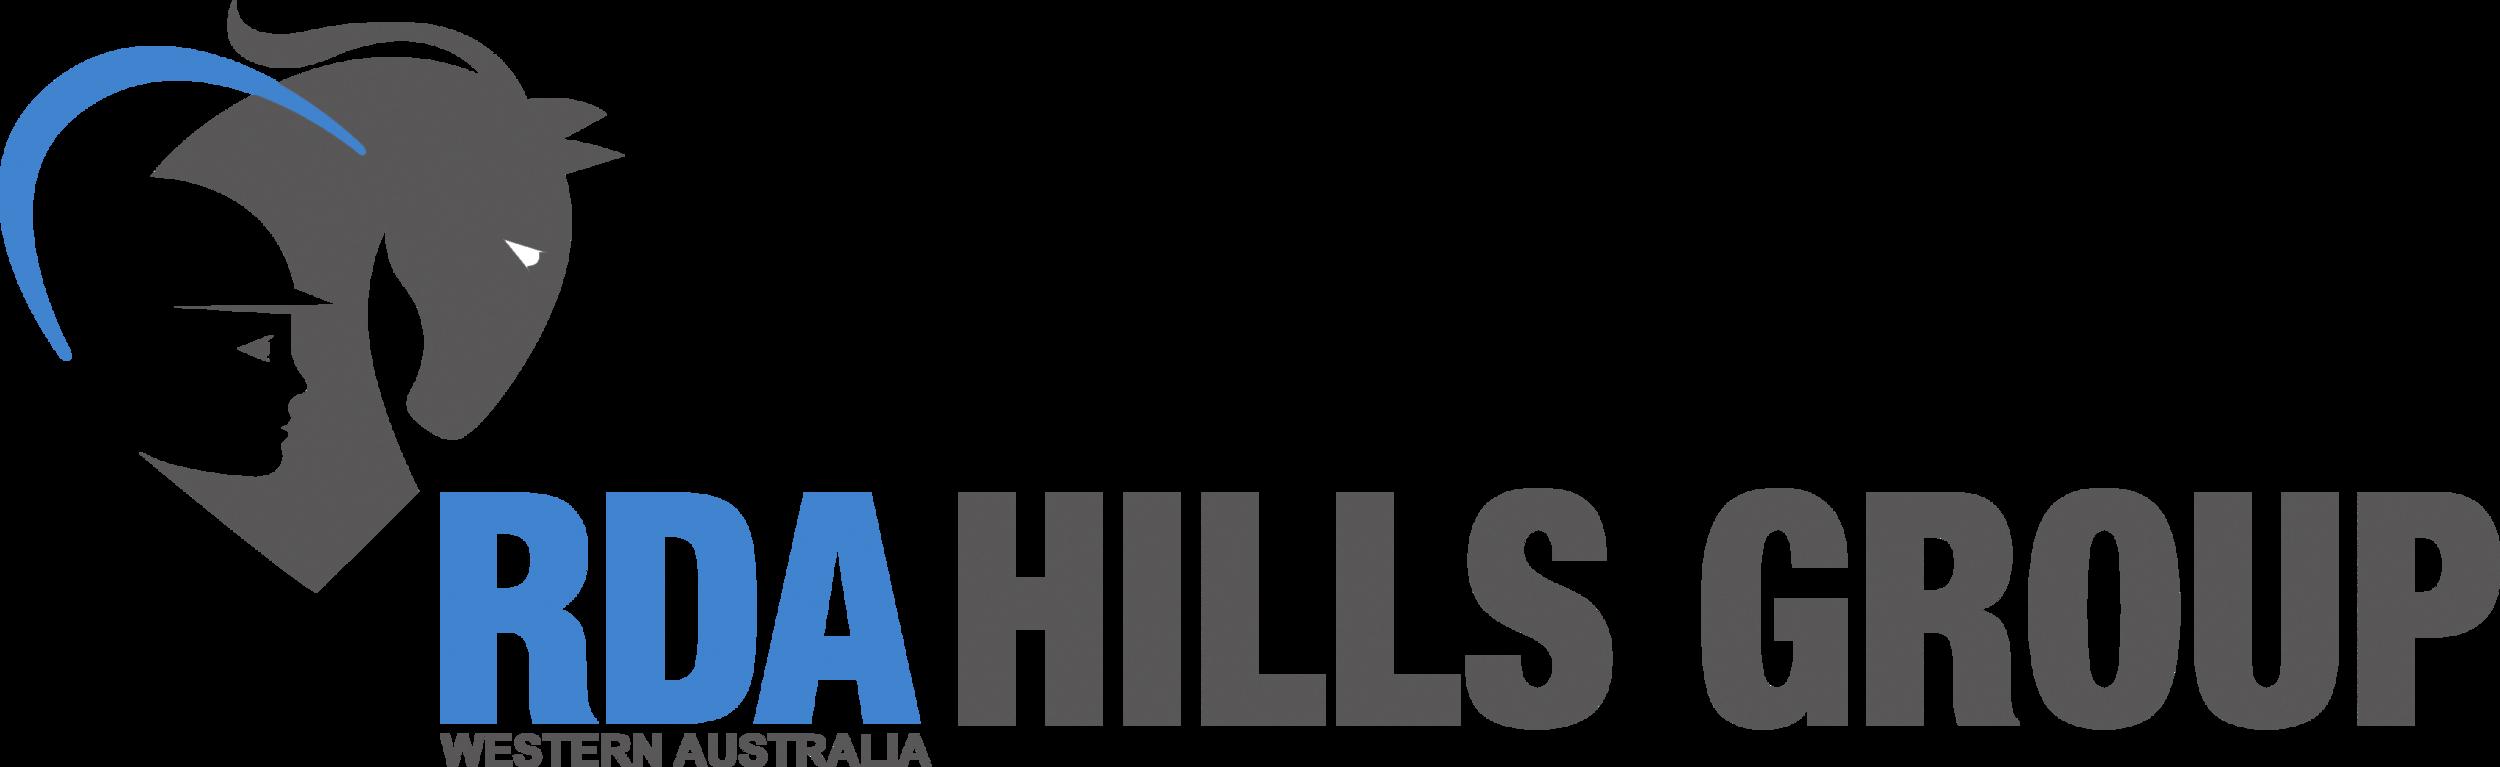 14. RDA_Hills_Landscape_FullColour_logo.png